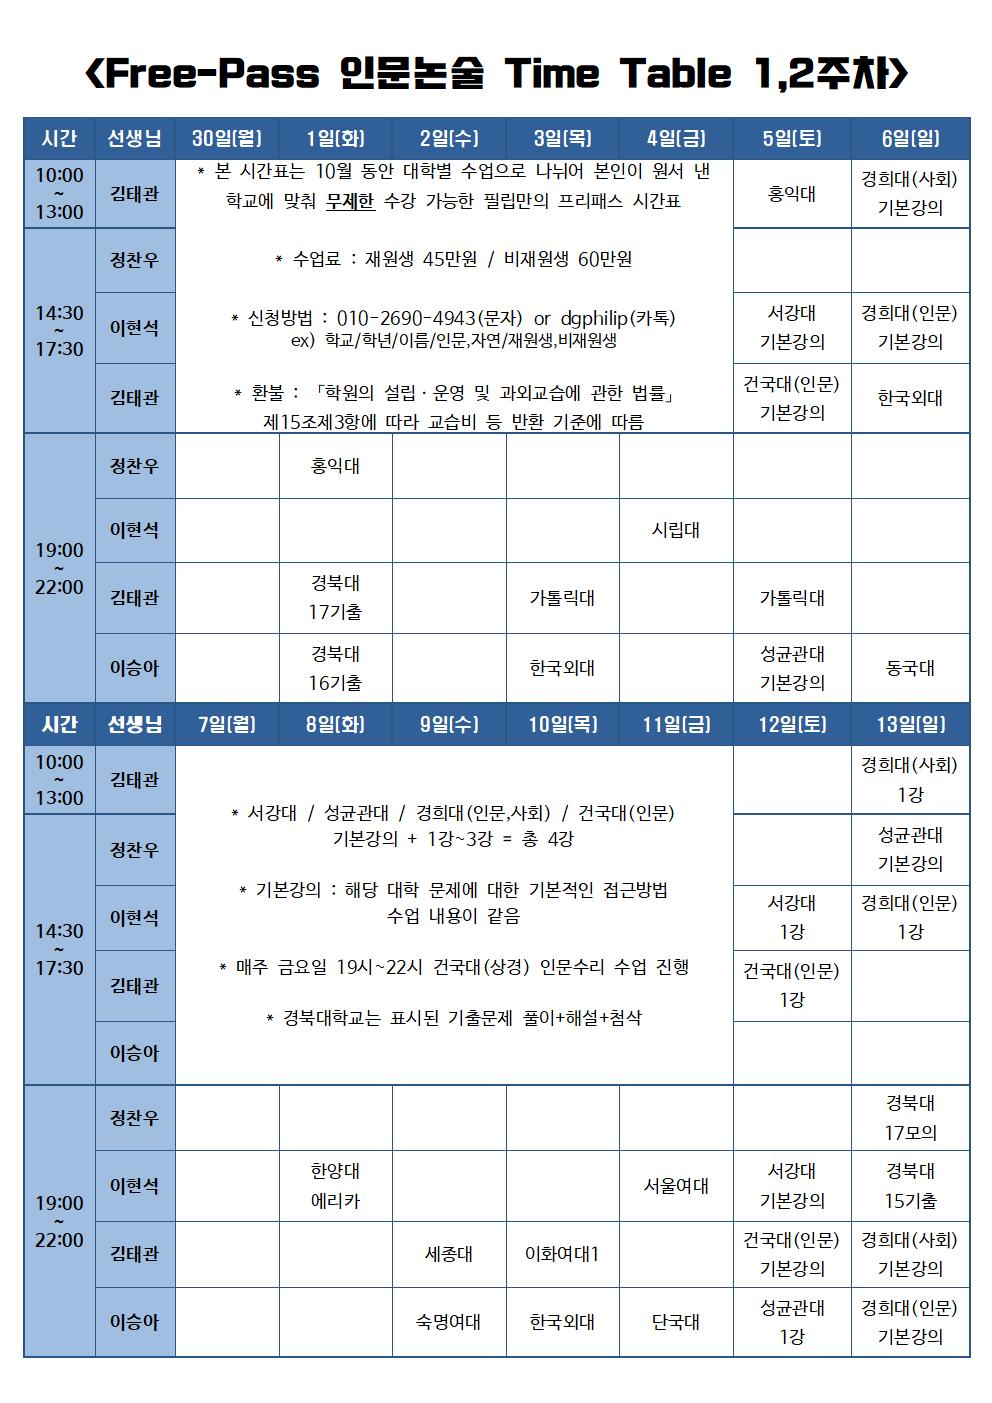 프리패스시간표(최최종)001.png